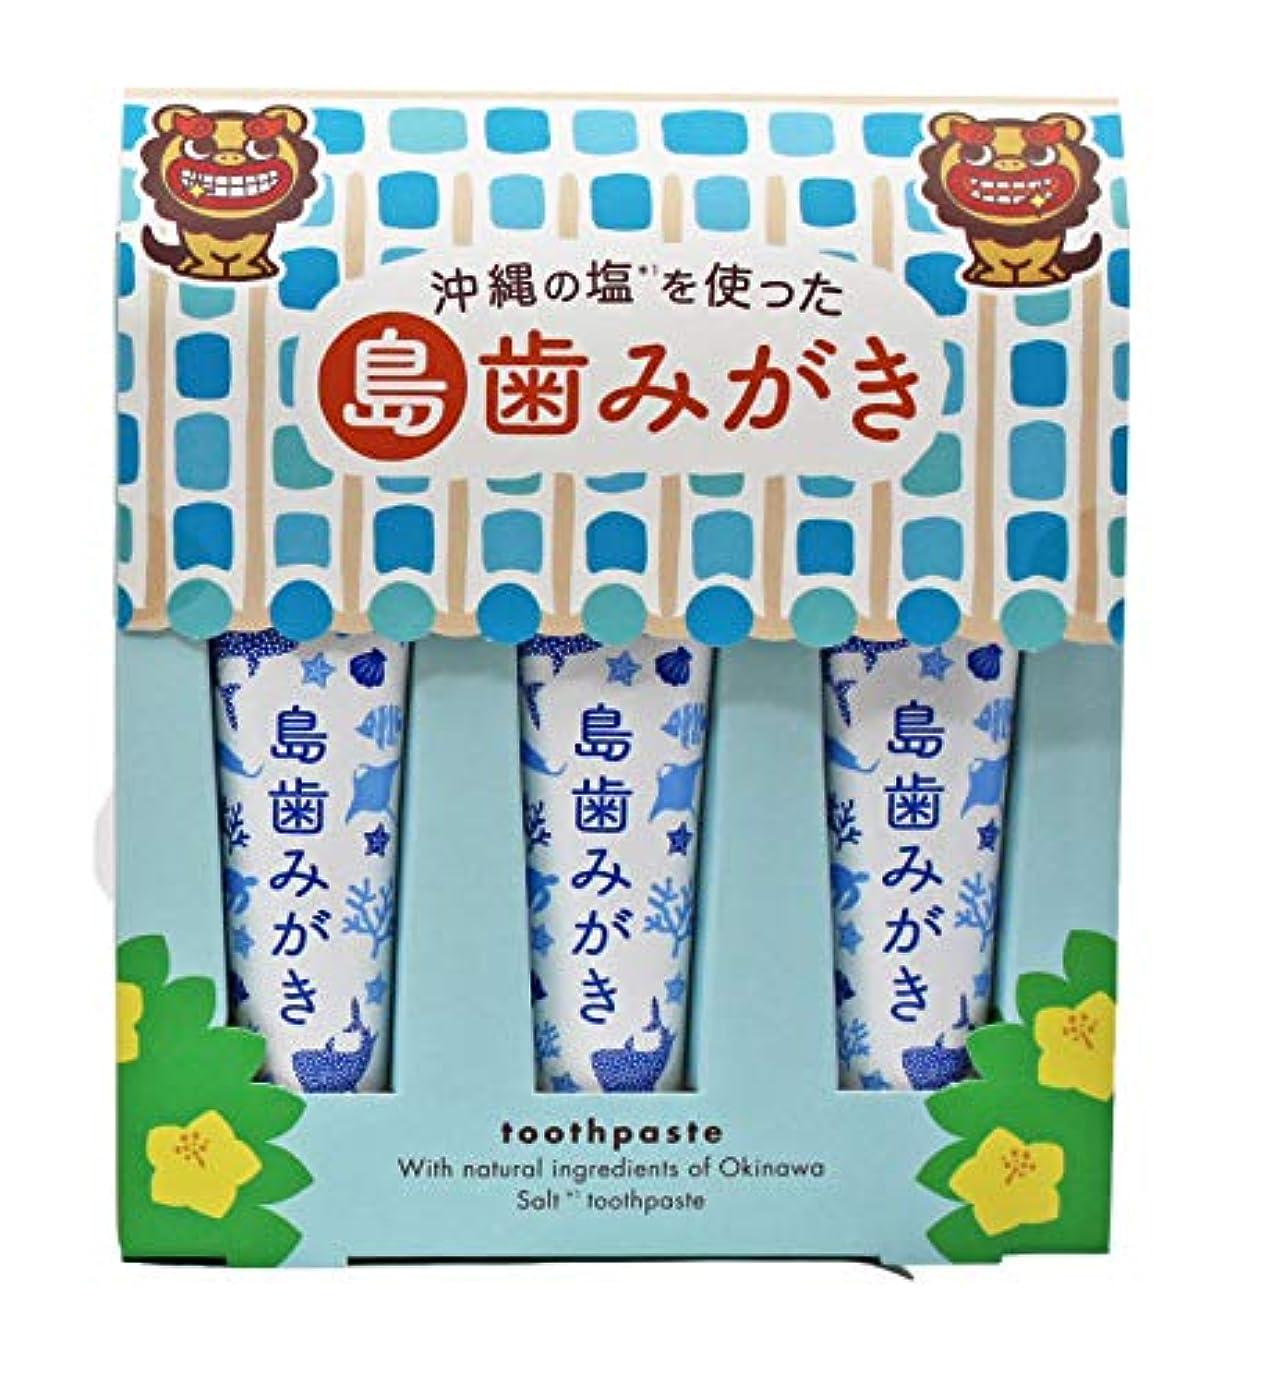 砦茎寄付する沖縄の塩を使った島歯みがき (藍色) 15g×3本入り